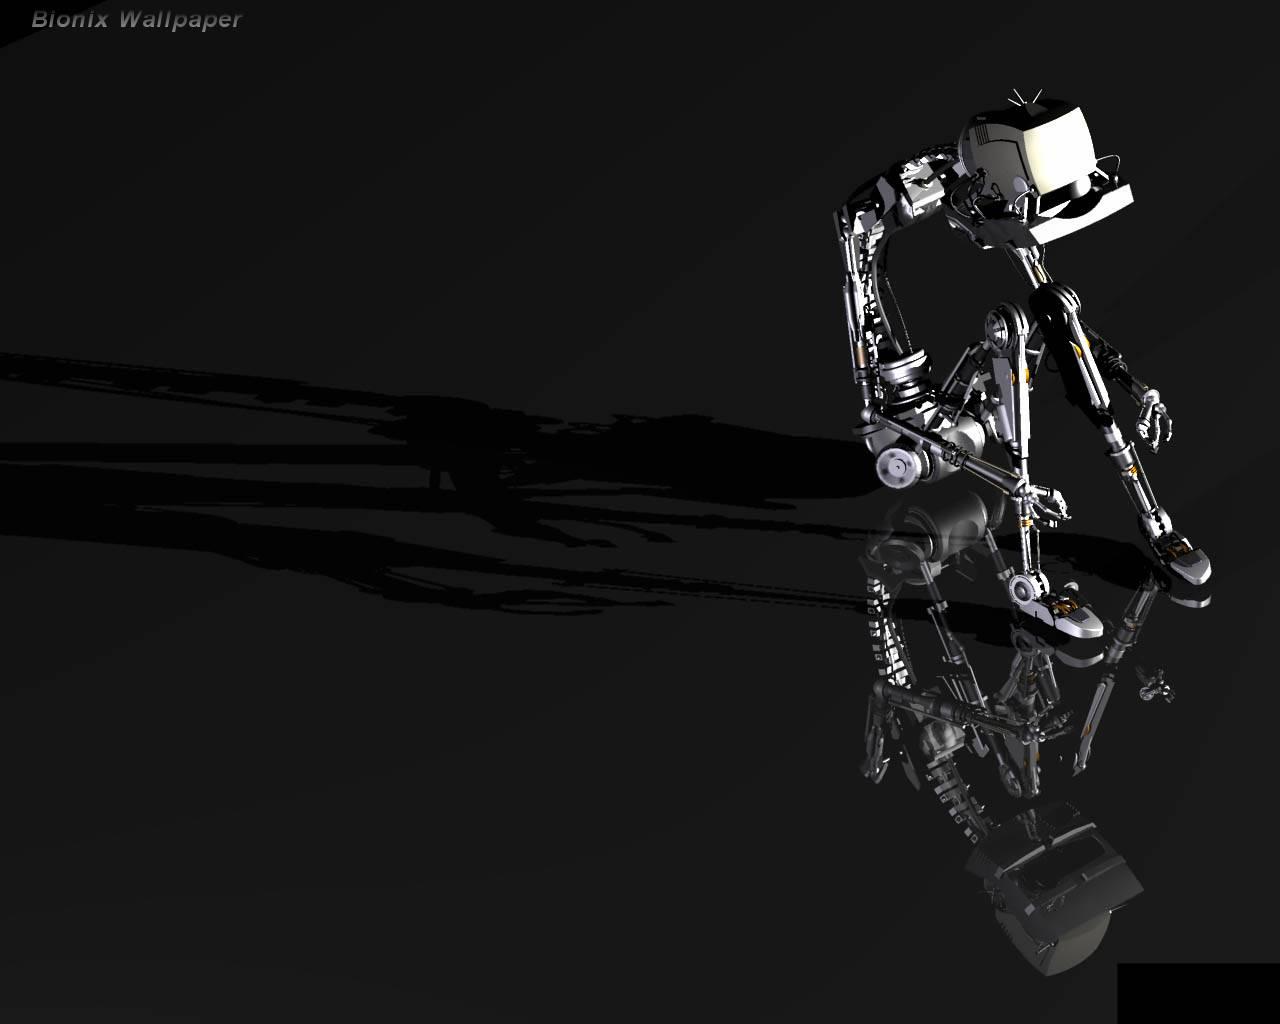 http://3.bp.blogspot.com/-ENUEZQNxdwI/UEX1KJxPHqI/AAAAAAAABQs/Eqnxj-ojLoc/s1600/robot%252Bwallpapers%252Bhd%252B4.jpg